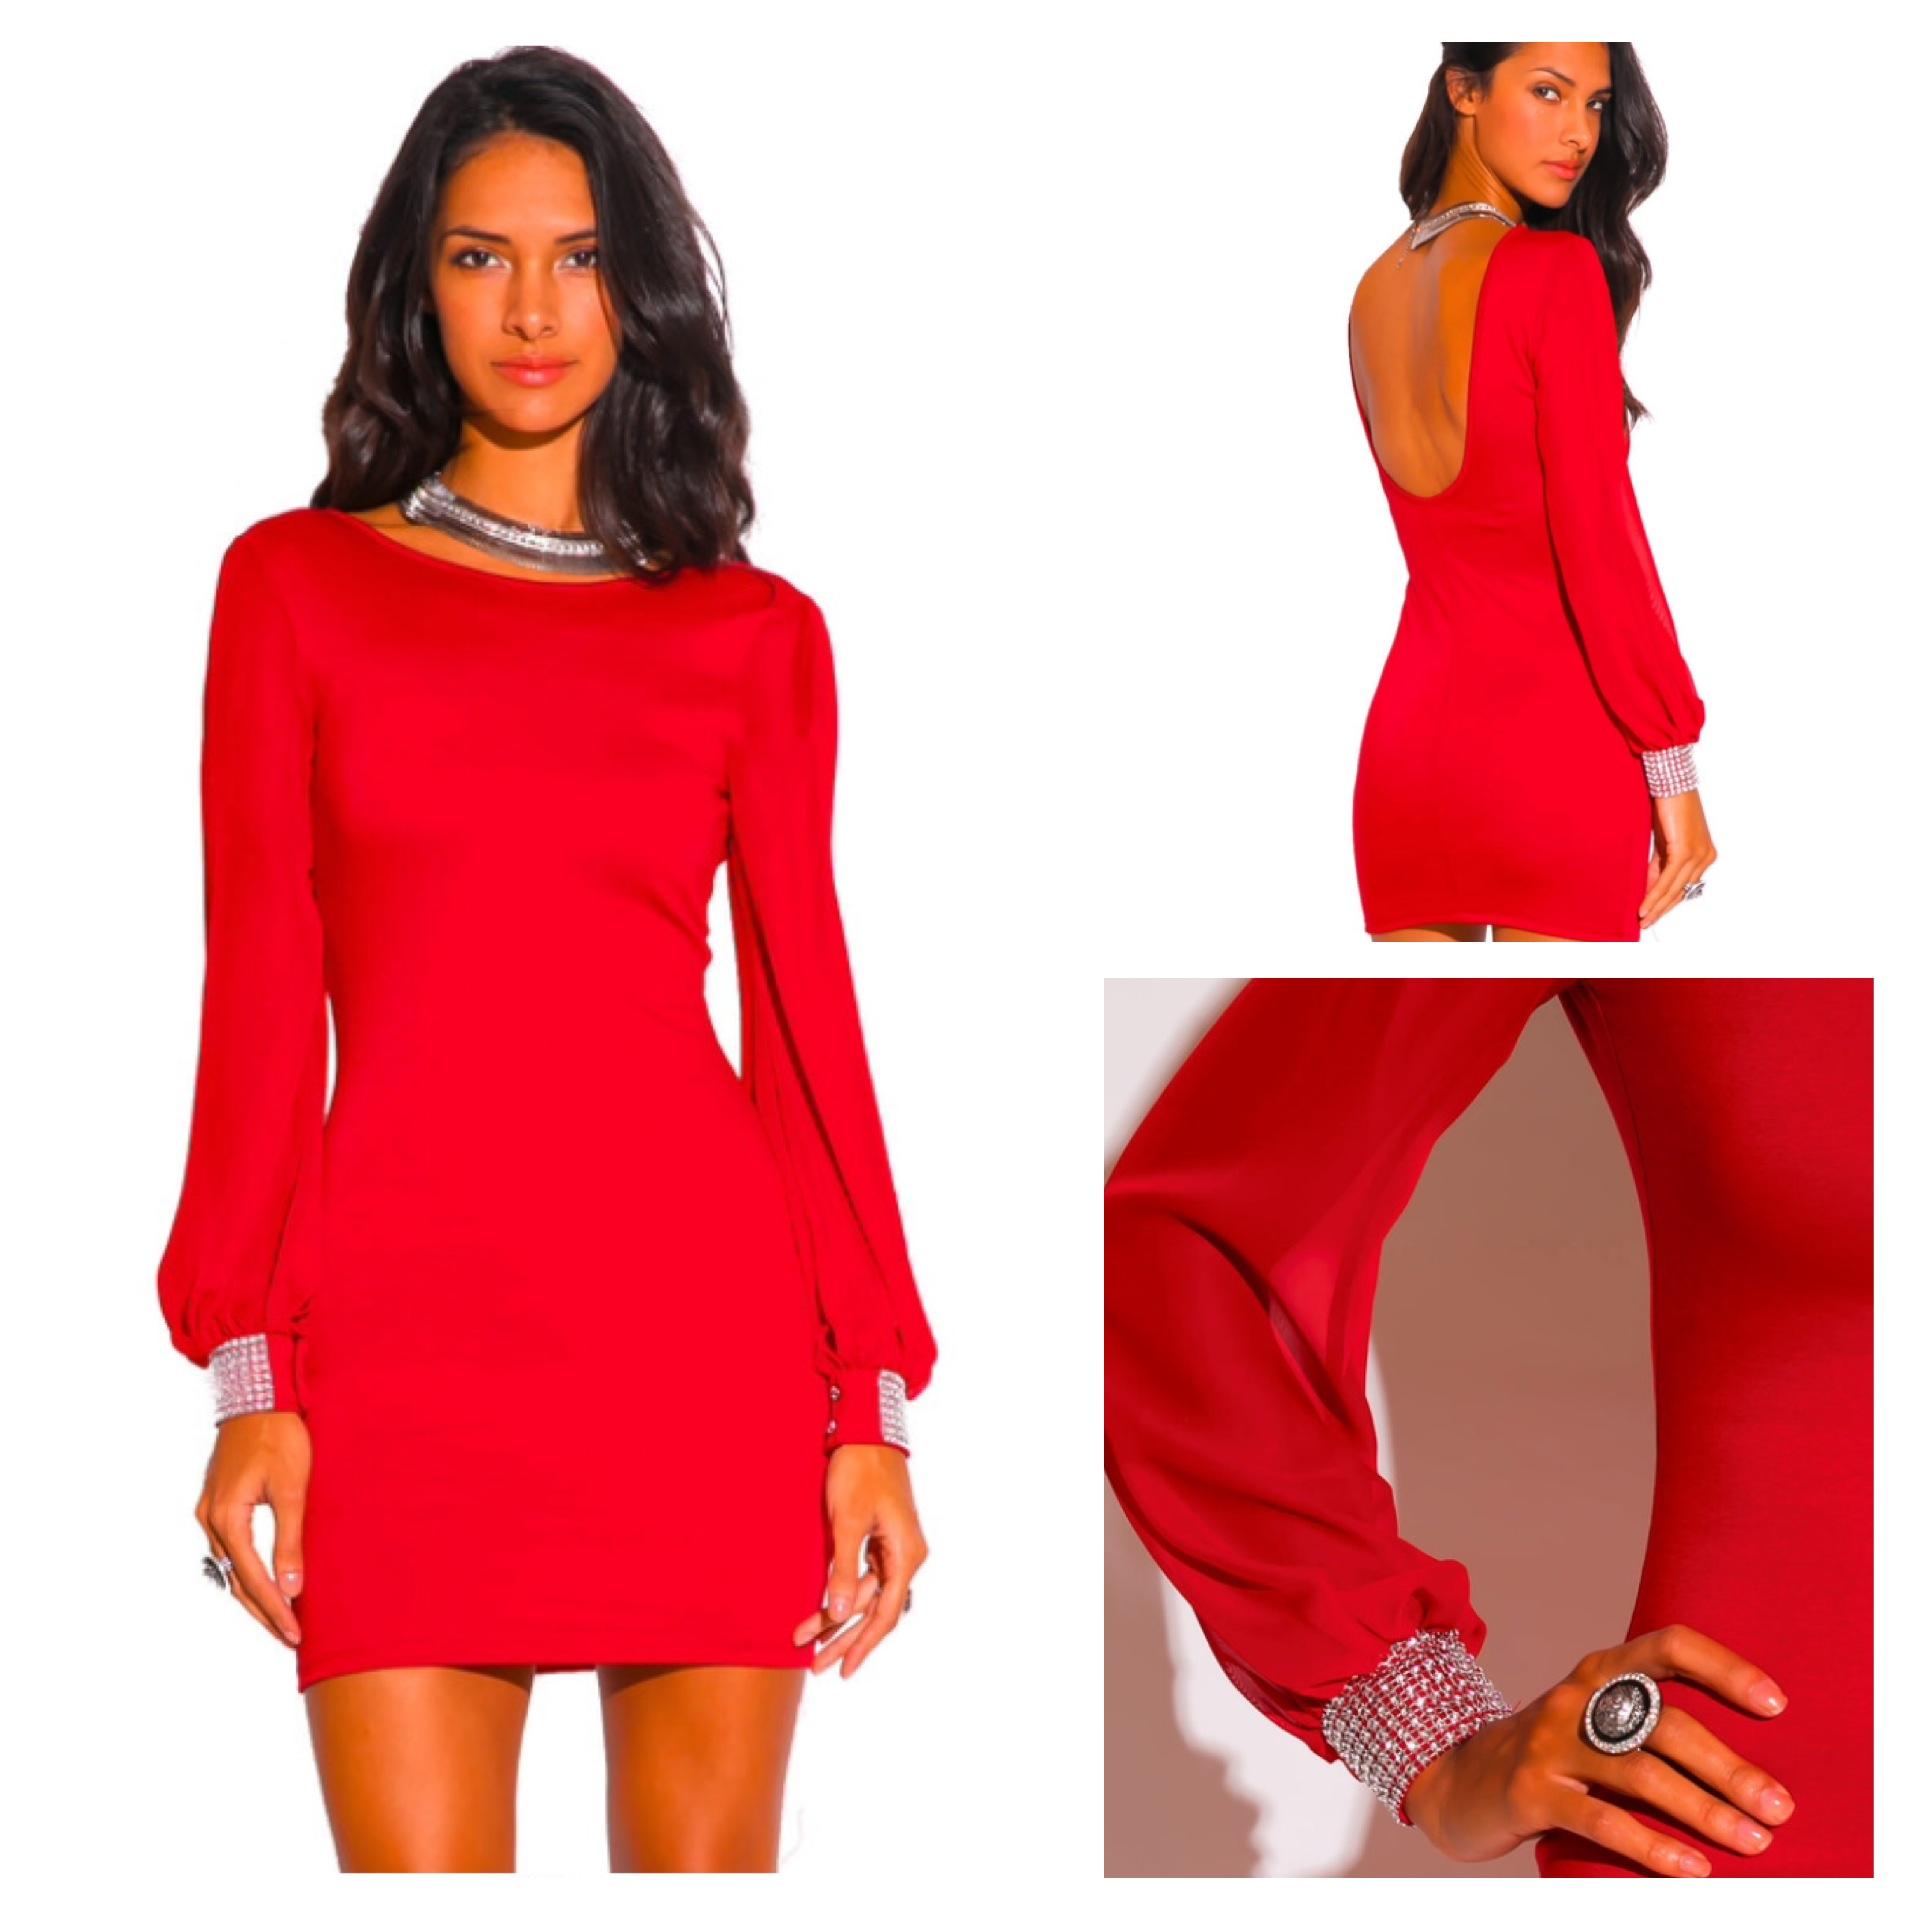 Lipstick Red Chiffon Cocktail Dress